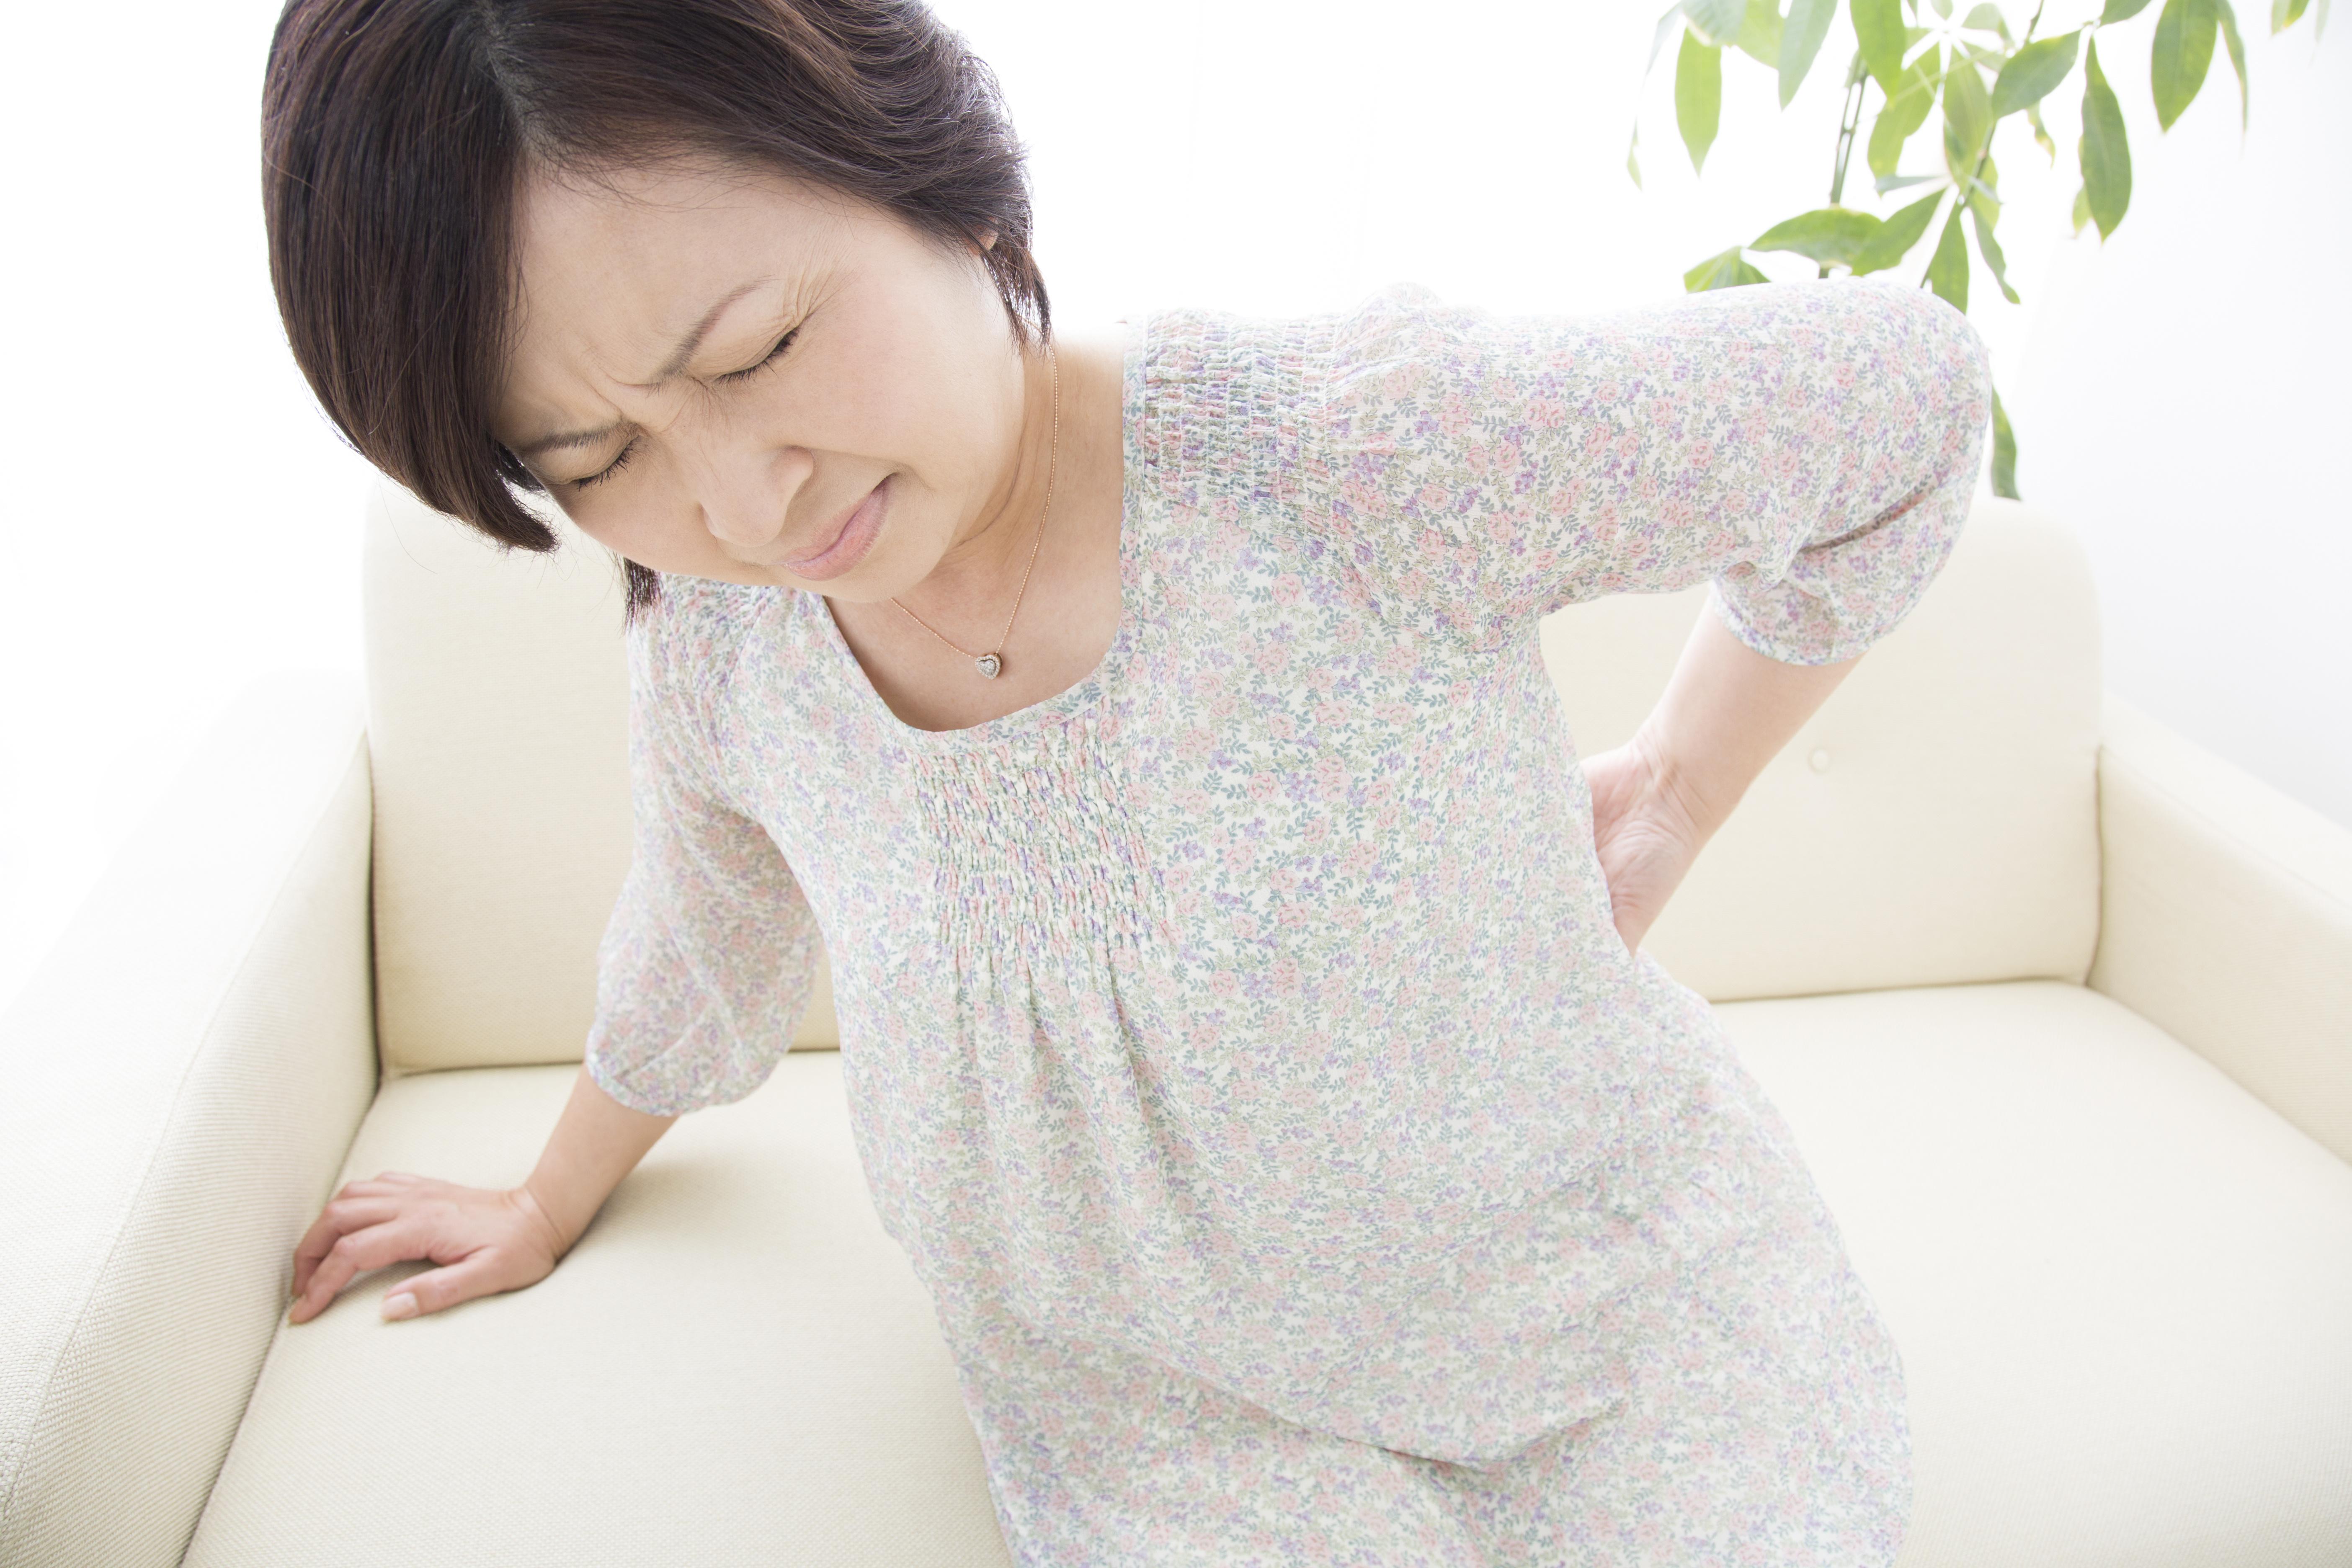 豊川 腰痛 女性